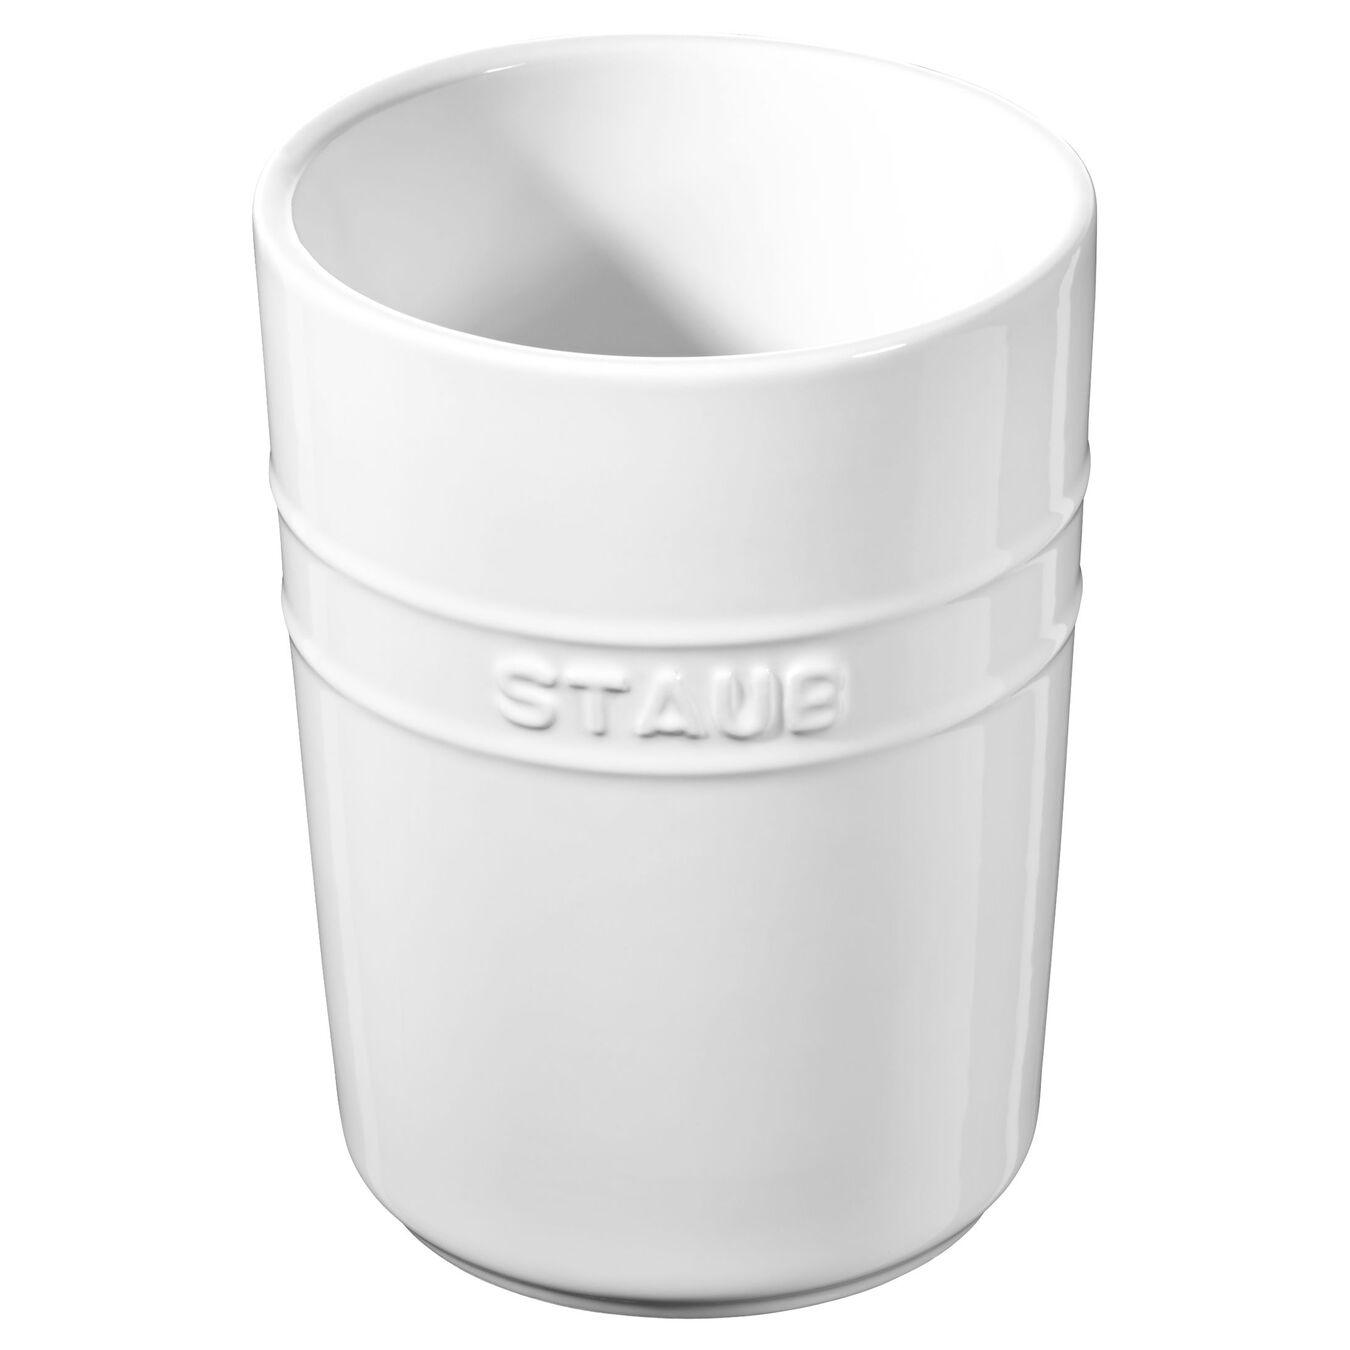 Porta utensili - 11 cm, ceramica,,large 1